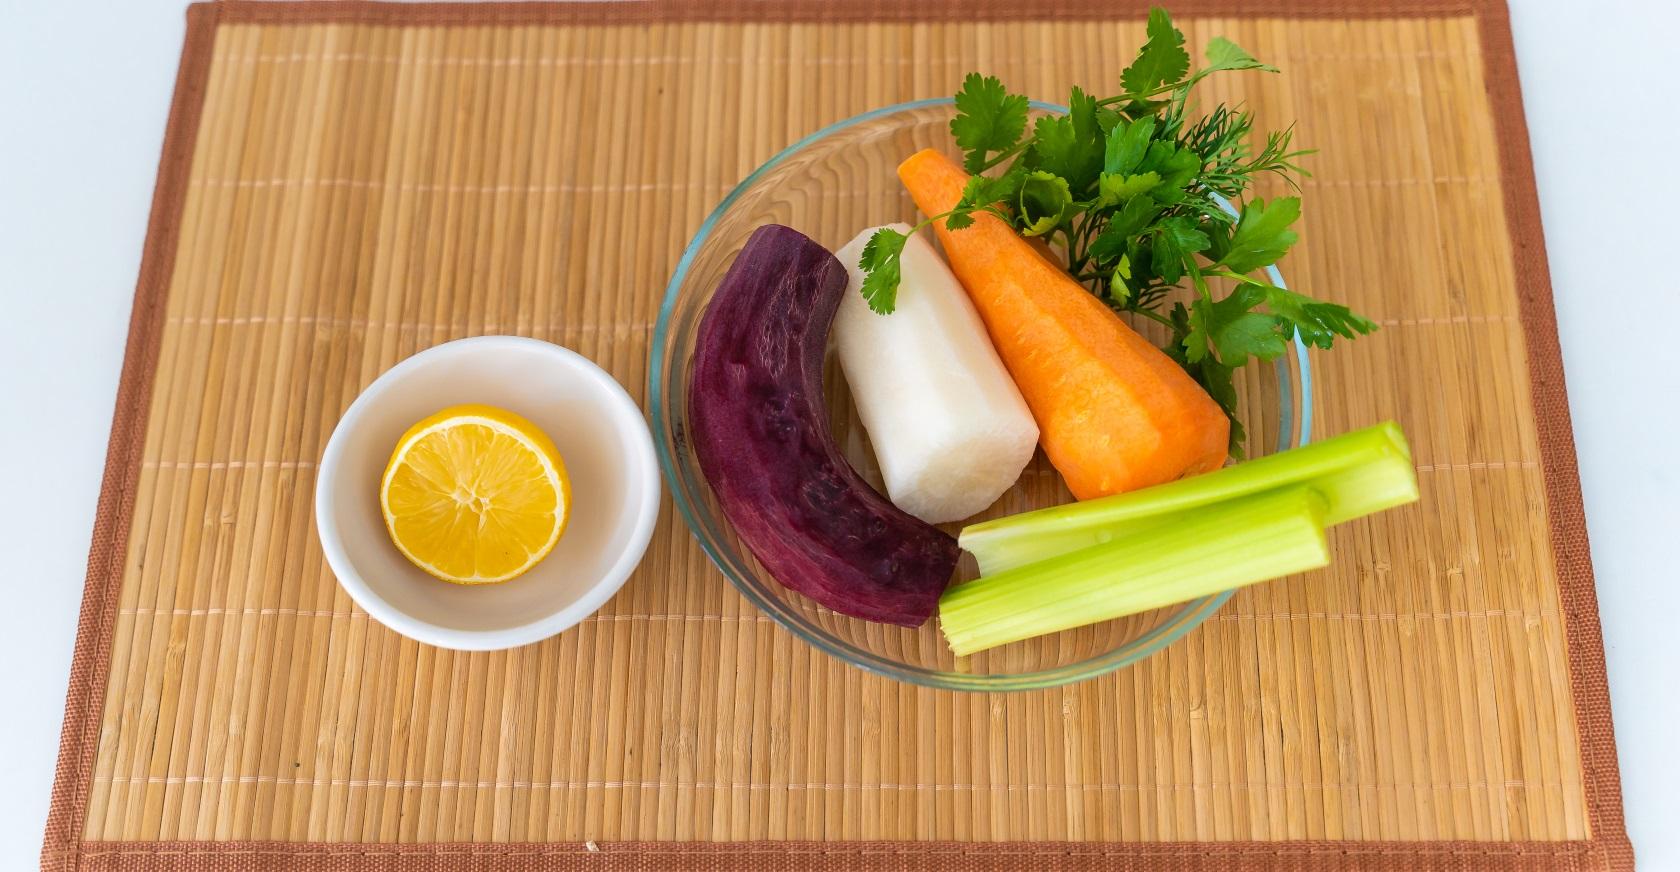 Диета С Щеткой. Худеем правильно: 5 лучших рецептов салата щетка для эффективной диеты